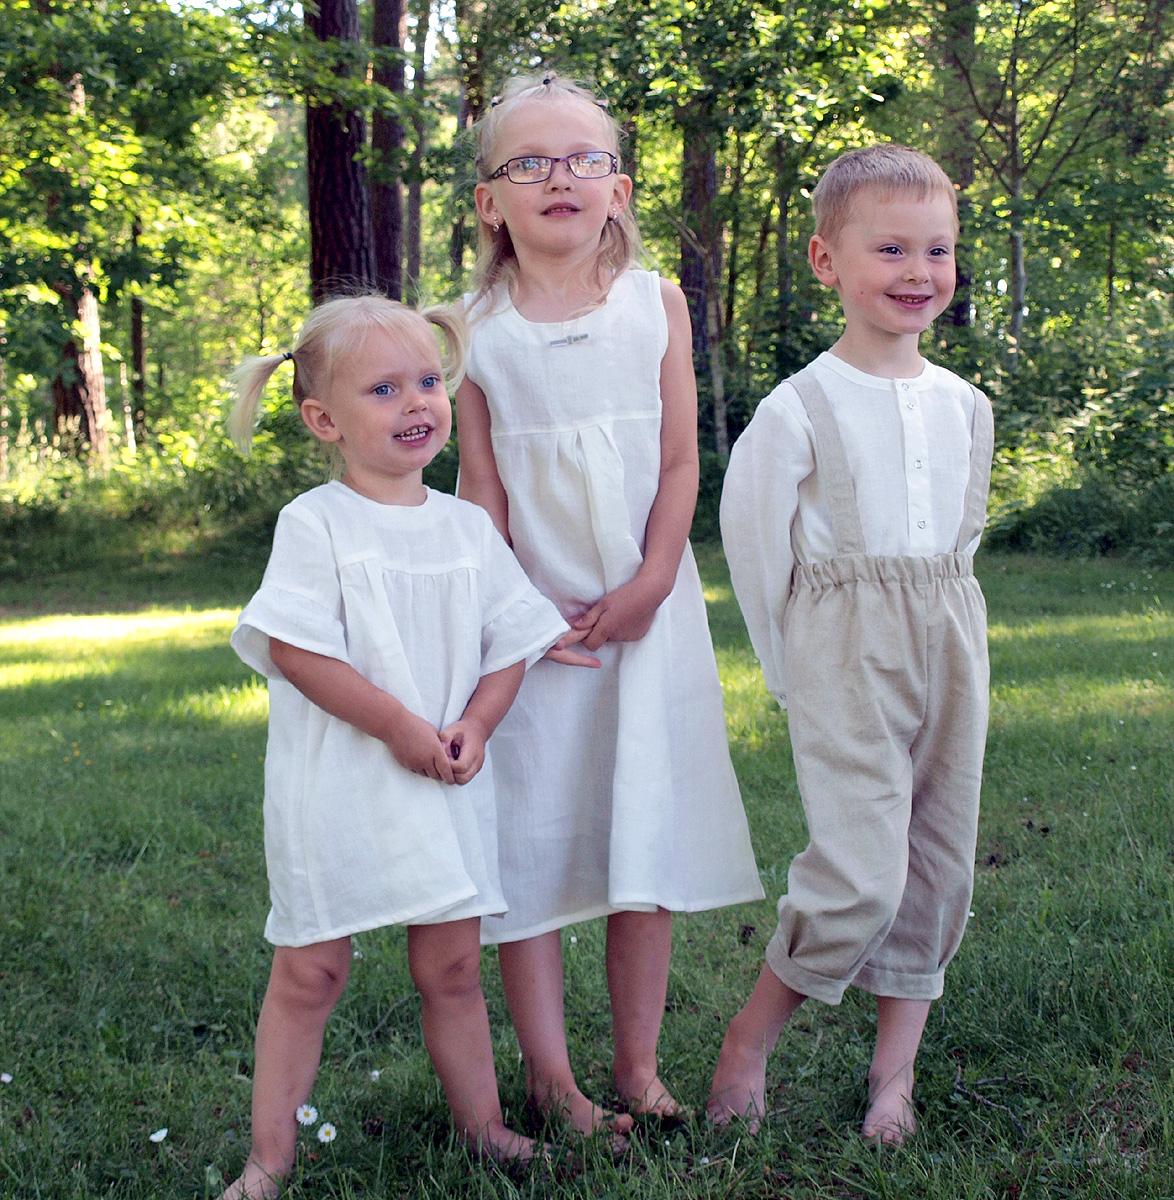 Minimundus kläder av 100% ekologiskt lin och oblekt naturtyg lin/bomull